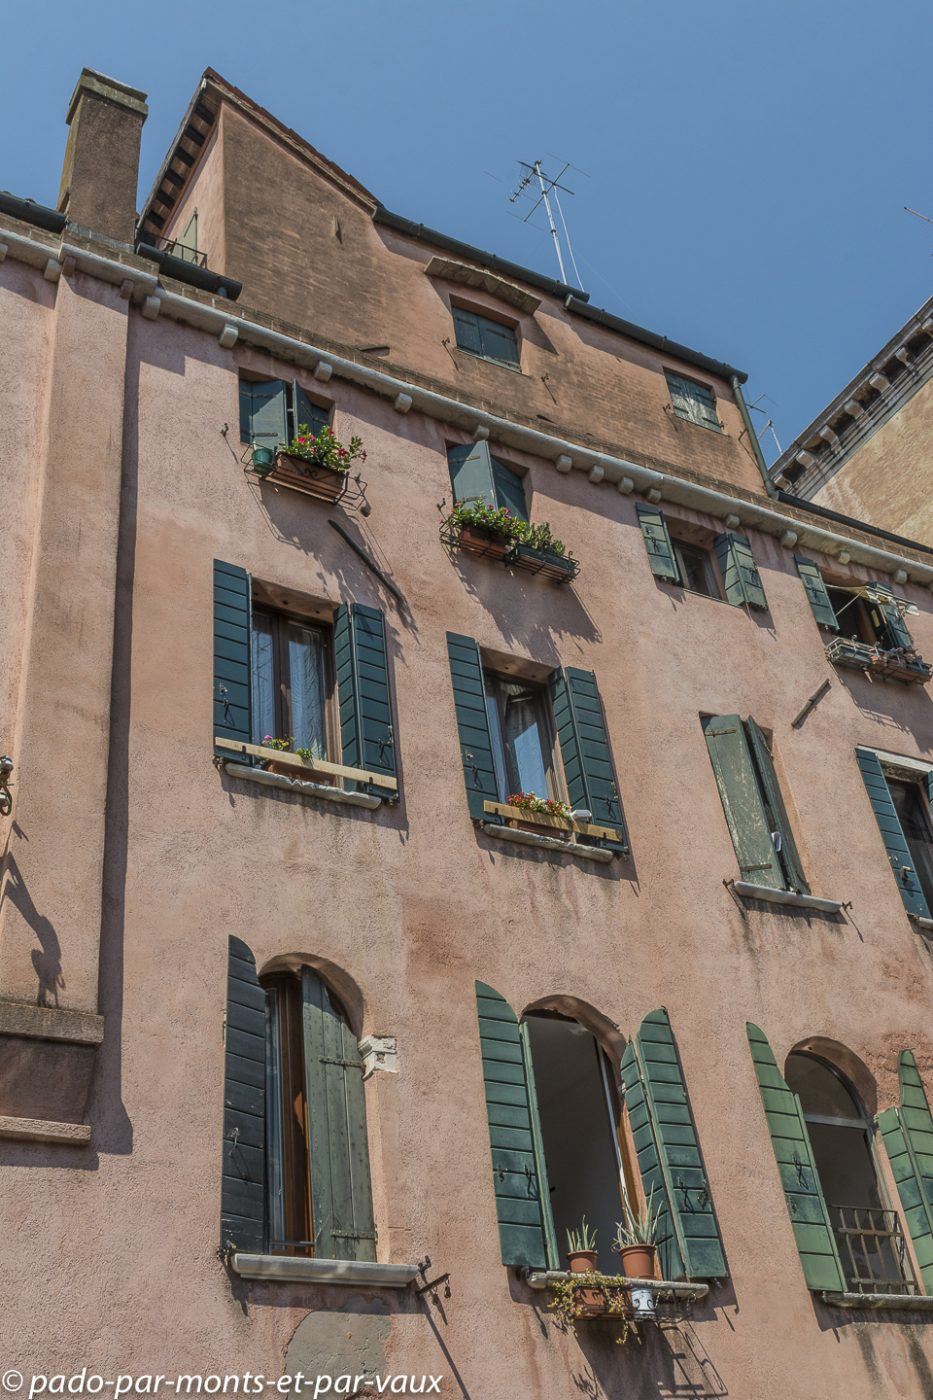 Venise - sestiere San Marco